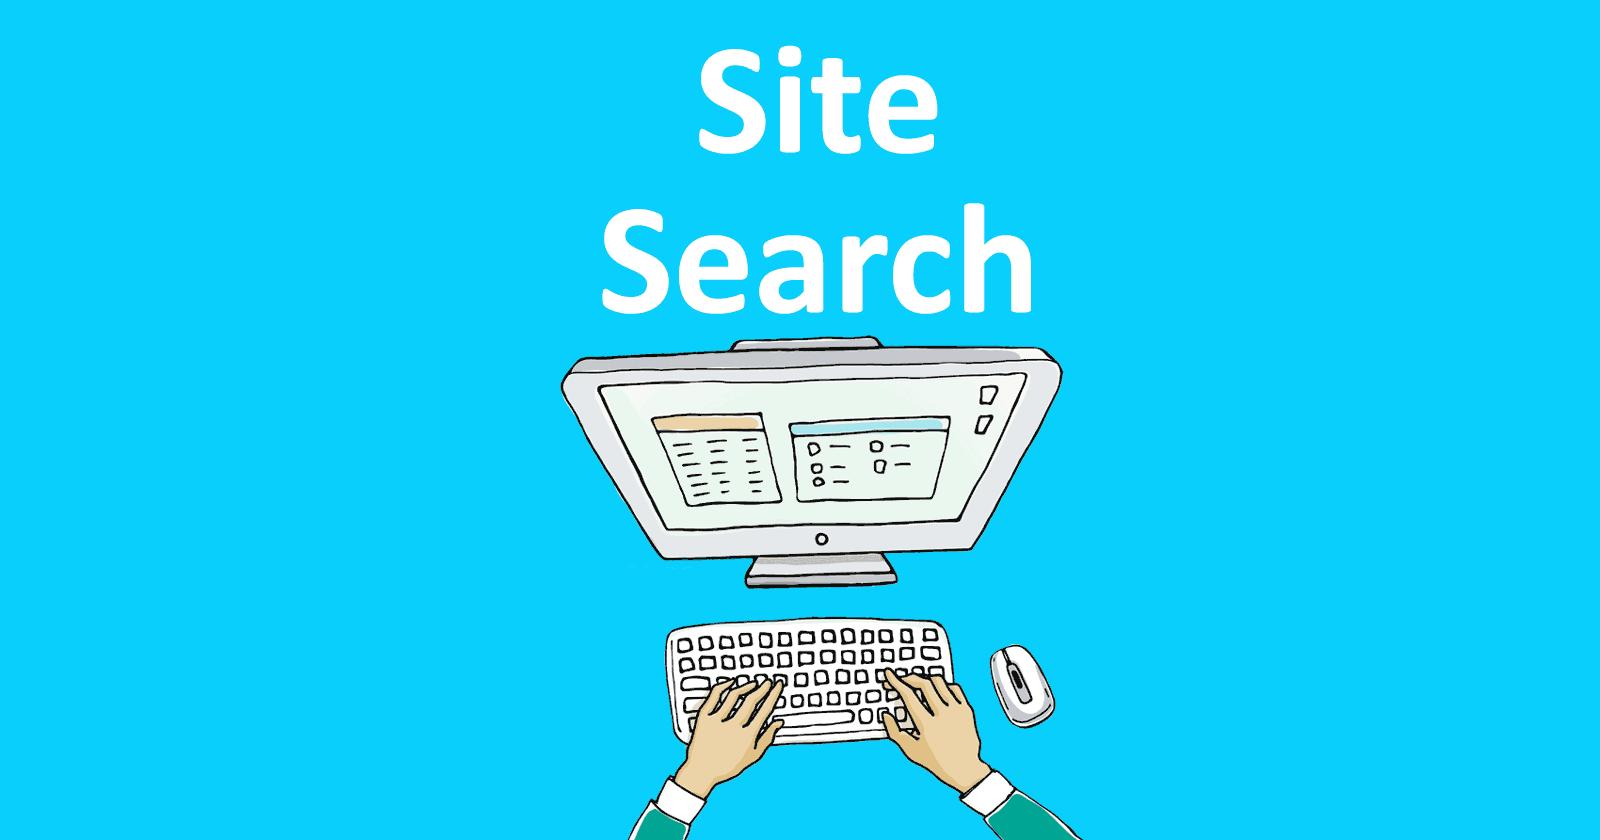 Google cảnh báo về các giả định dựa trên trang web: tìm kiếm 1